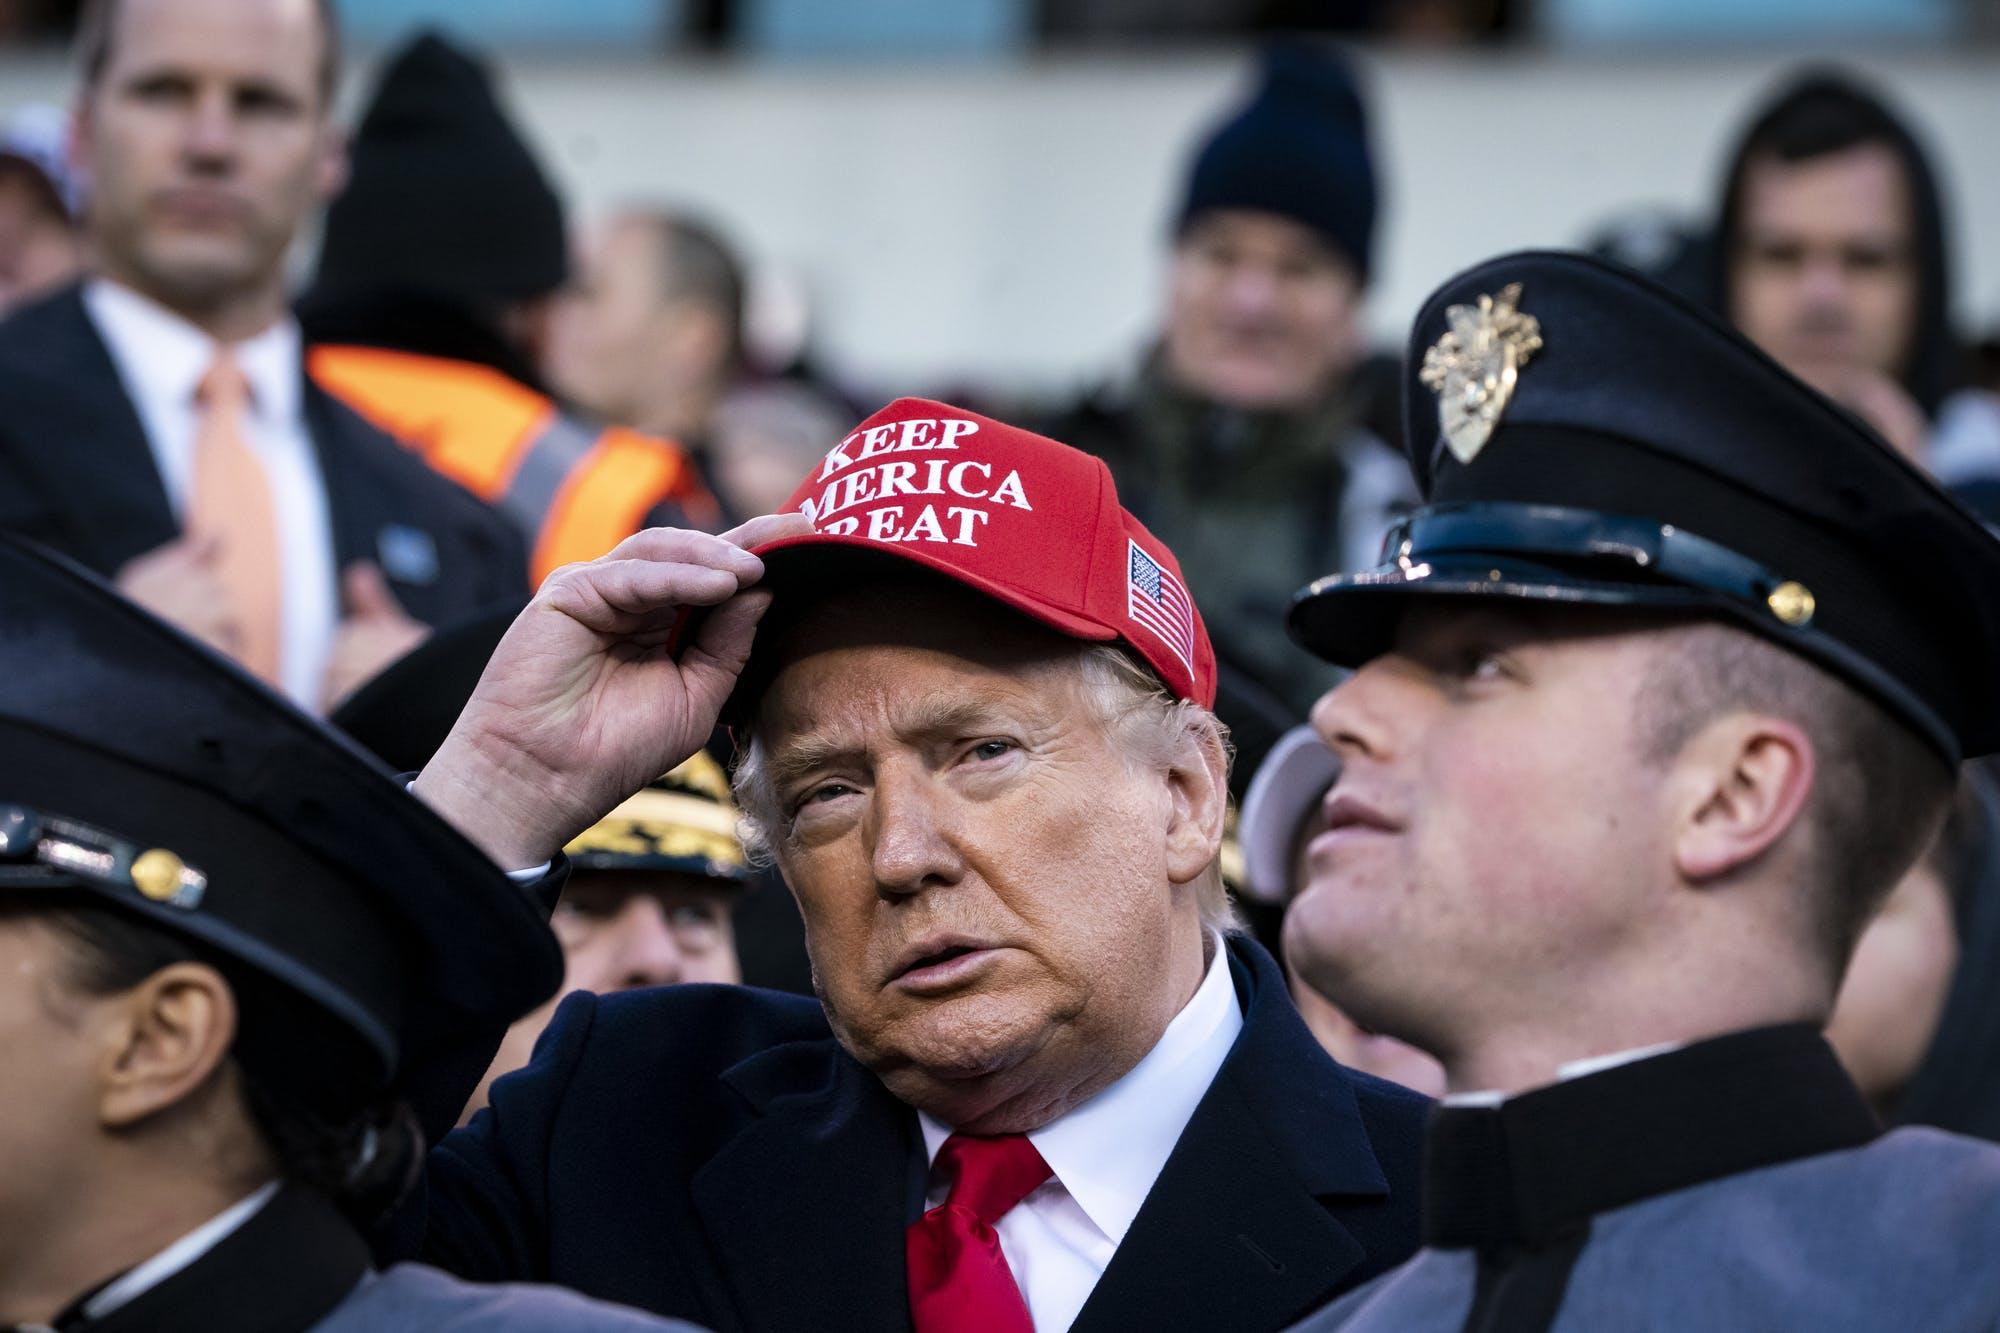 El presidente Donald Trump, usando una gorra roja en apoyo a su gestión. El Senado republicano ha bloqueado toda posibilidad de llamar testigos al juicio político en su contra. Foto: Tomada de internet.